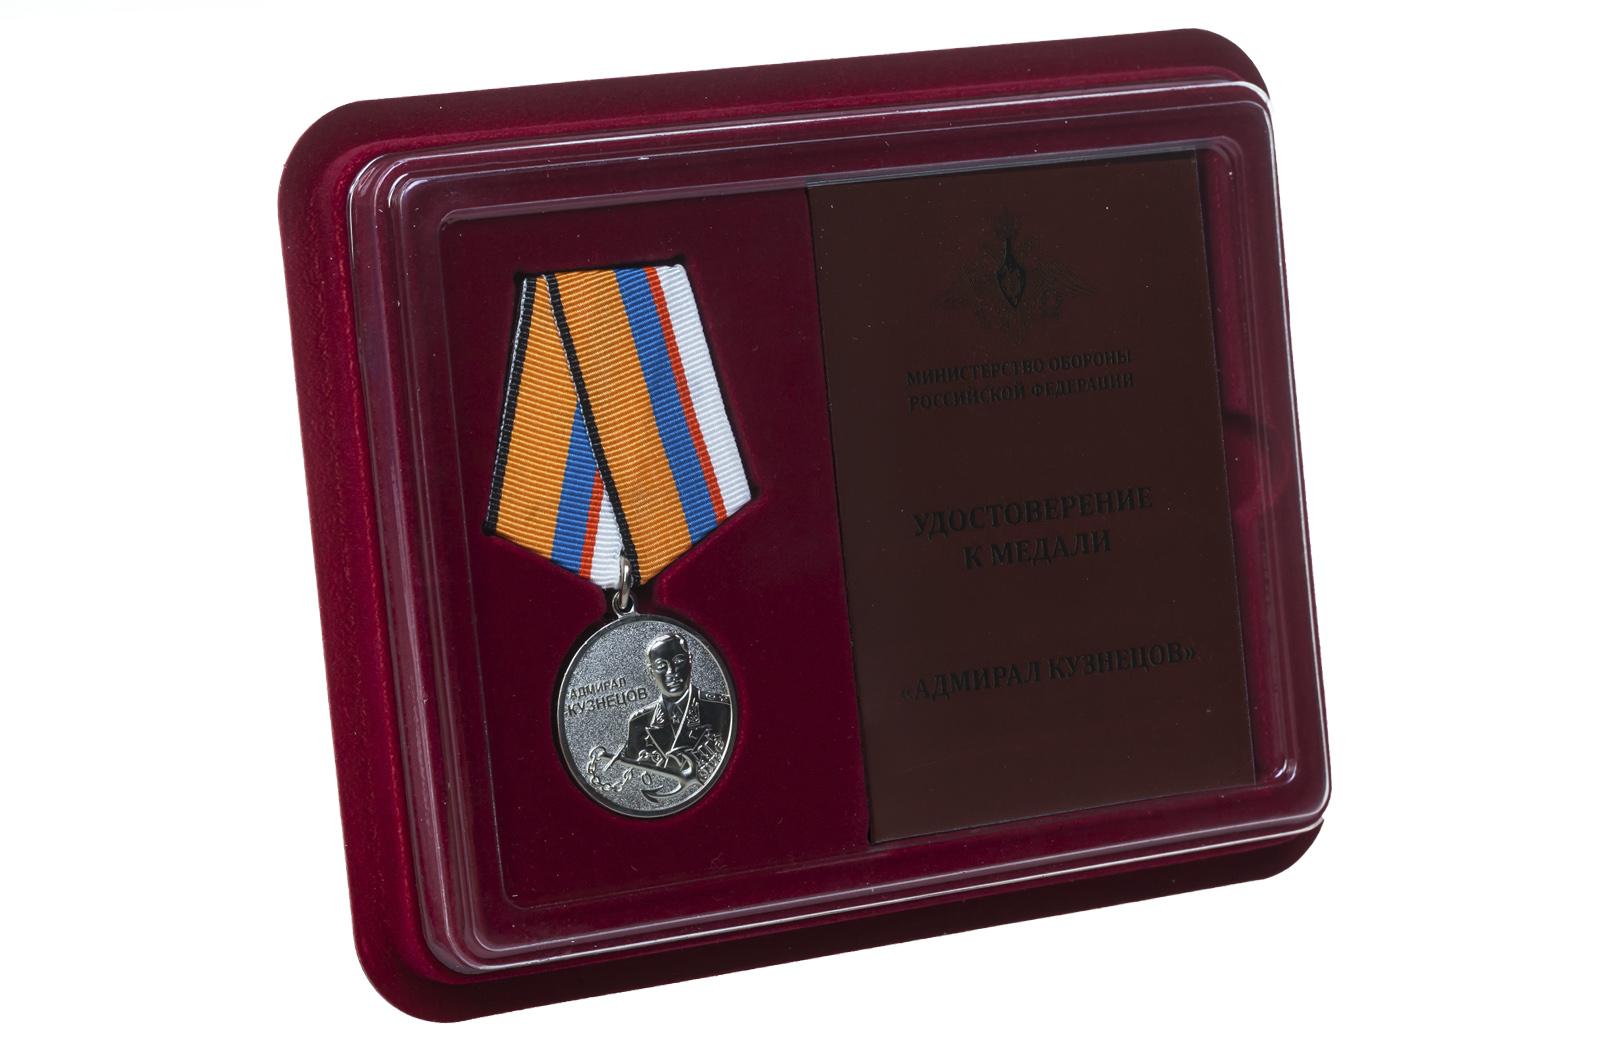 Купить медаль МО РФ Адмирал Кузнецов онлайн выгодно